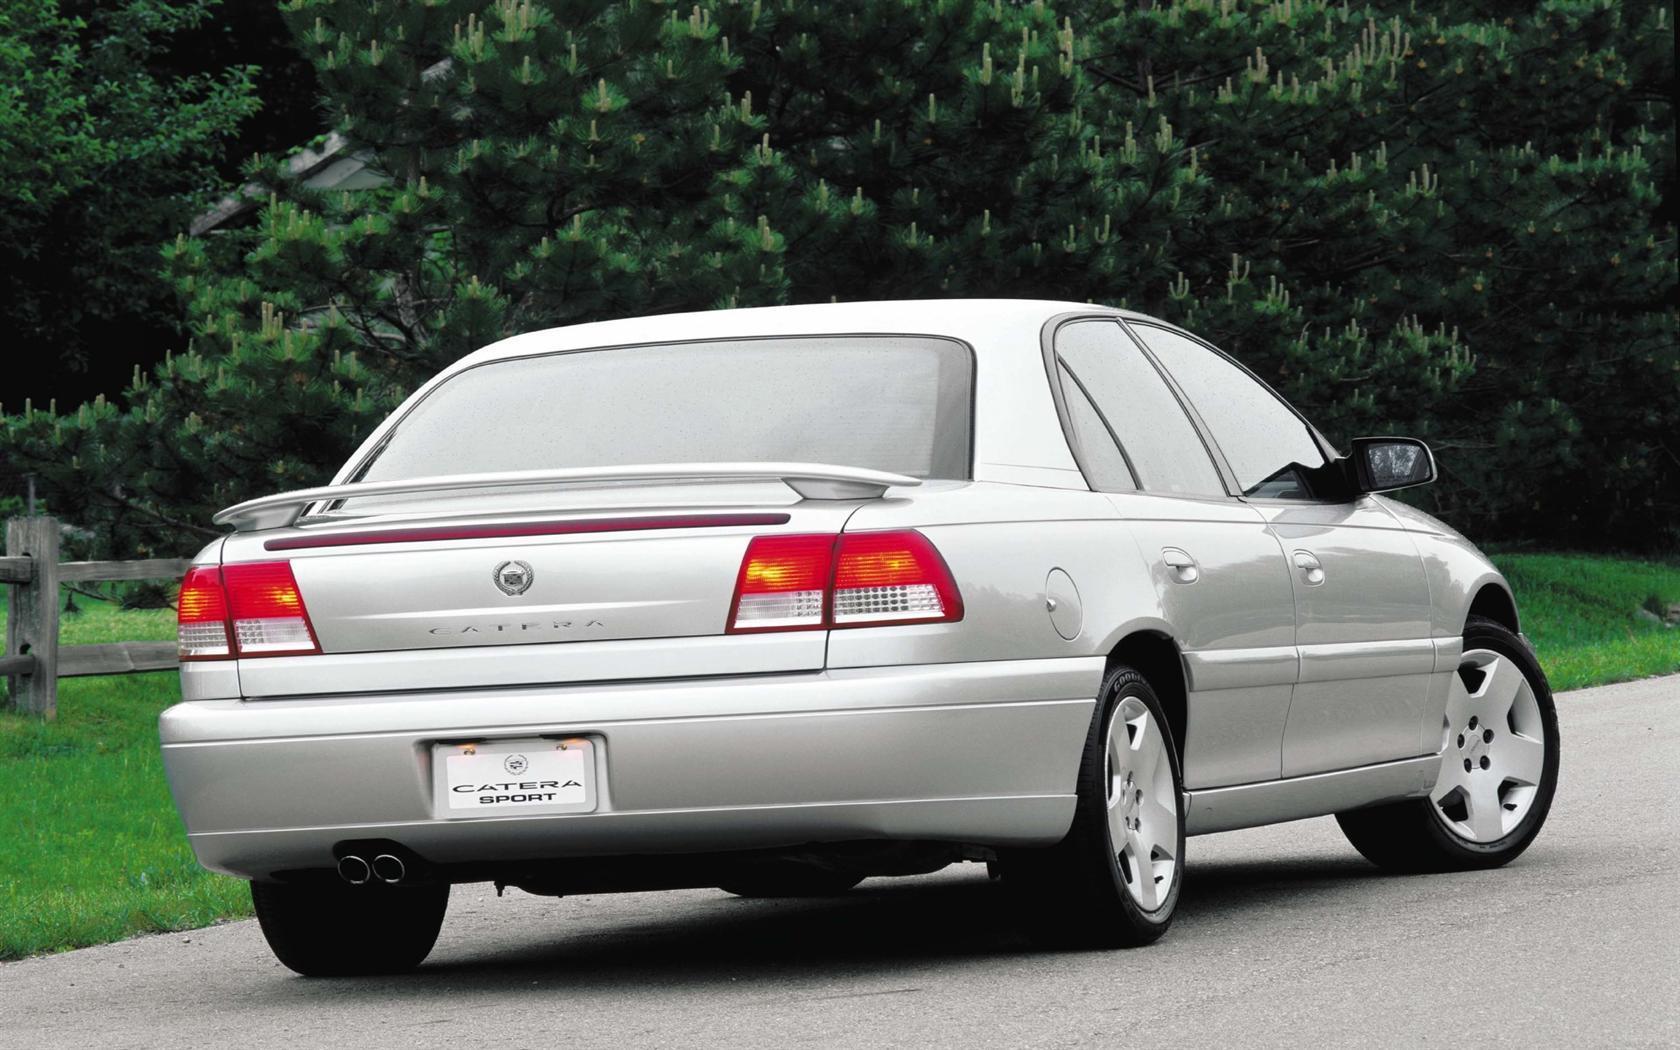 Cadillac Catera 1996 - 2001 Sedan #1